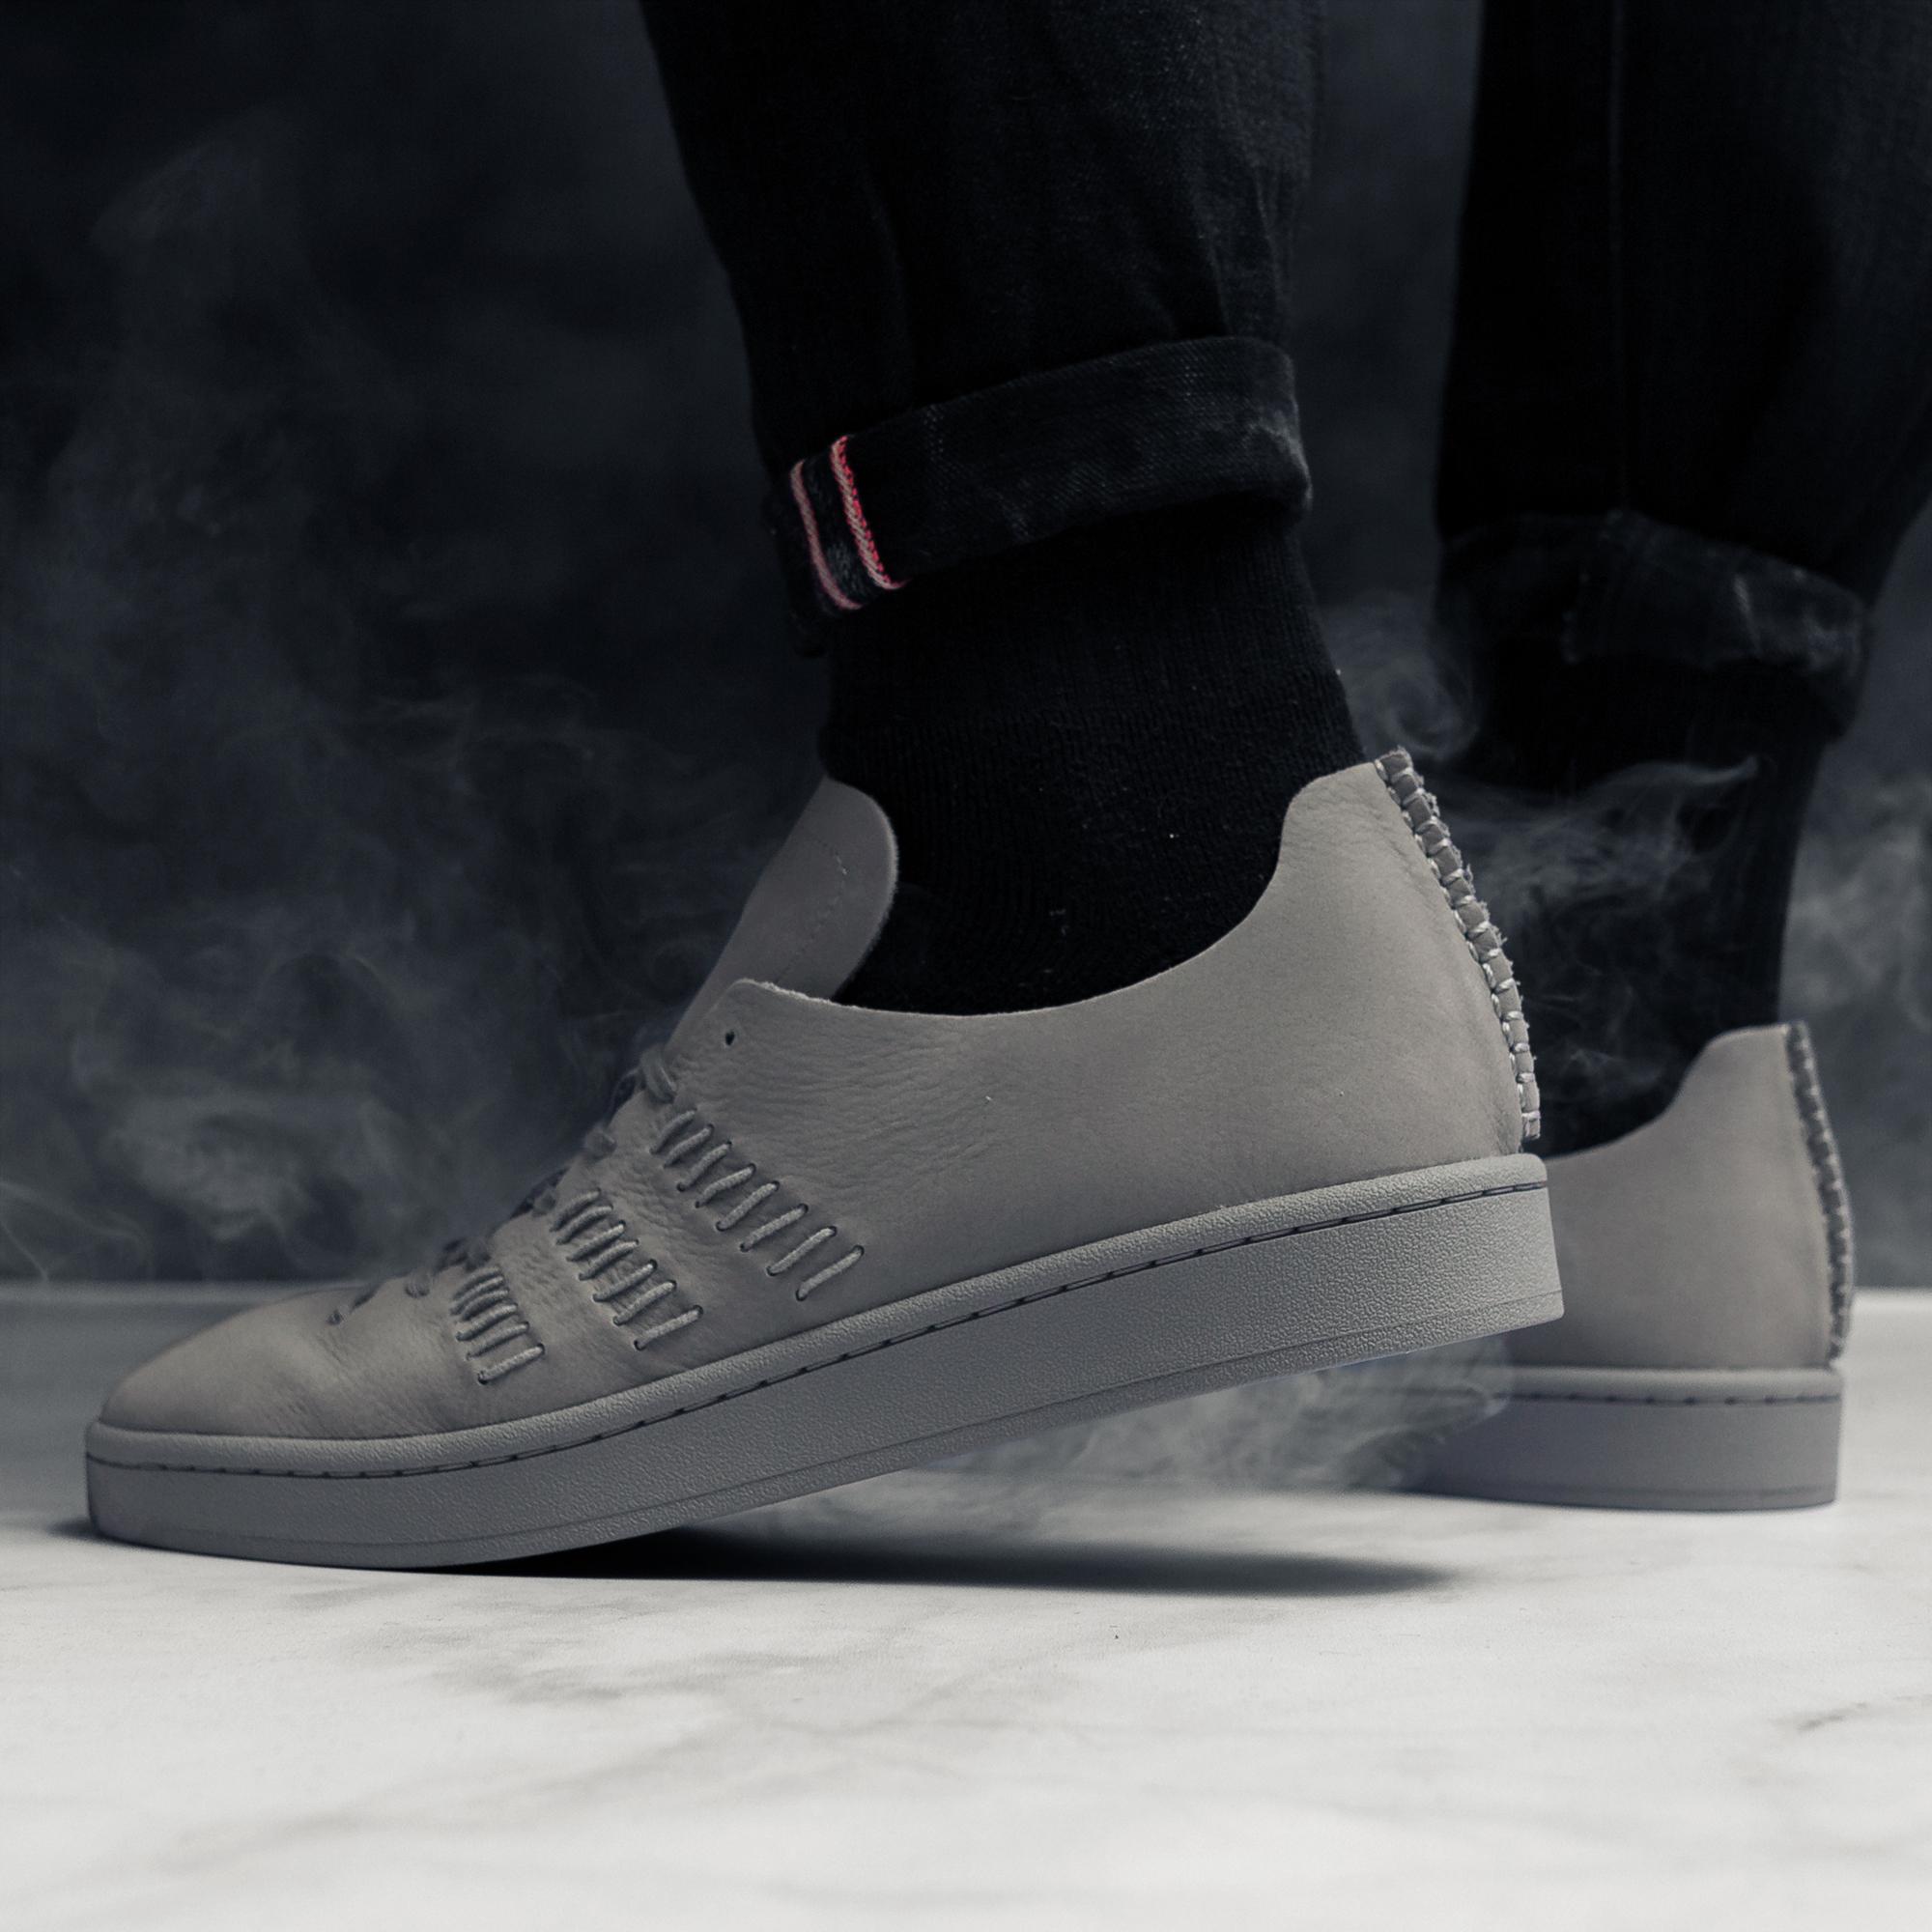 17_4_21_AdidasWingsSneakers_07.jpg